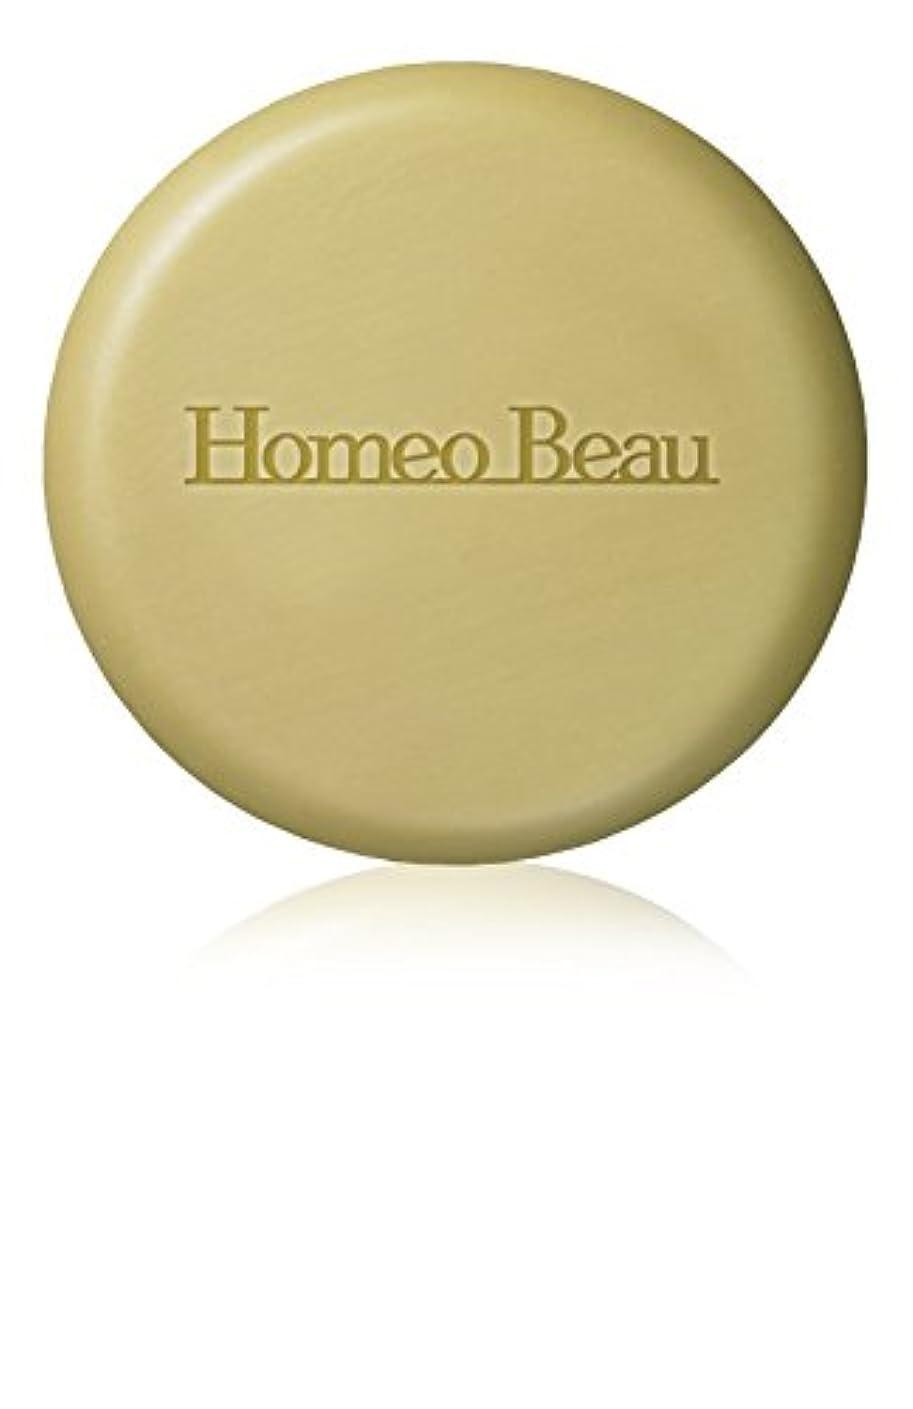 マージ誠実さ提供されたホメオバウ(Homeo Beau) エッセンシャルソープ 100g